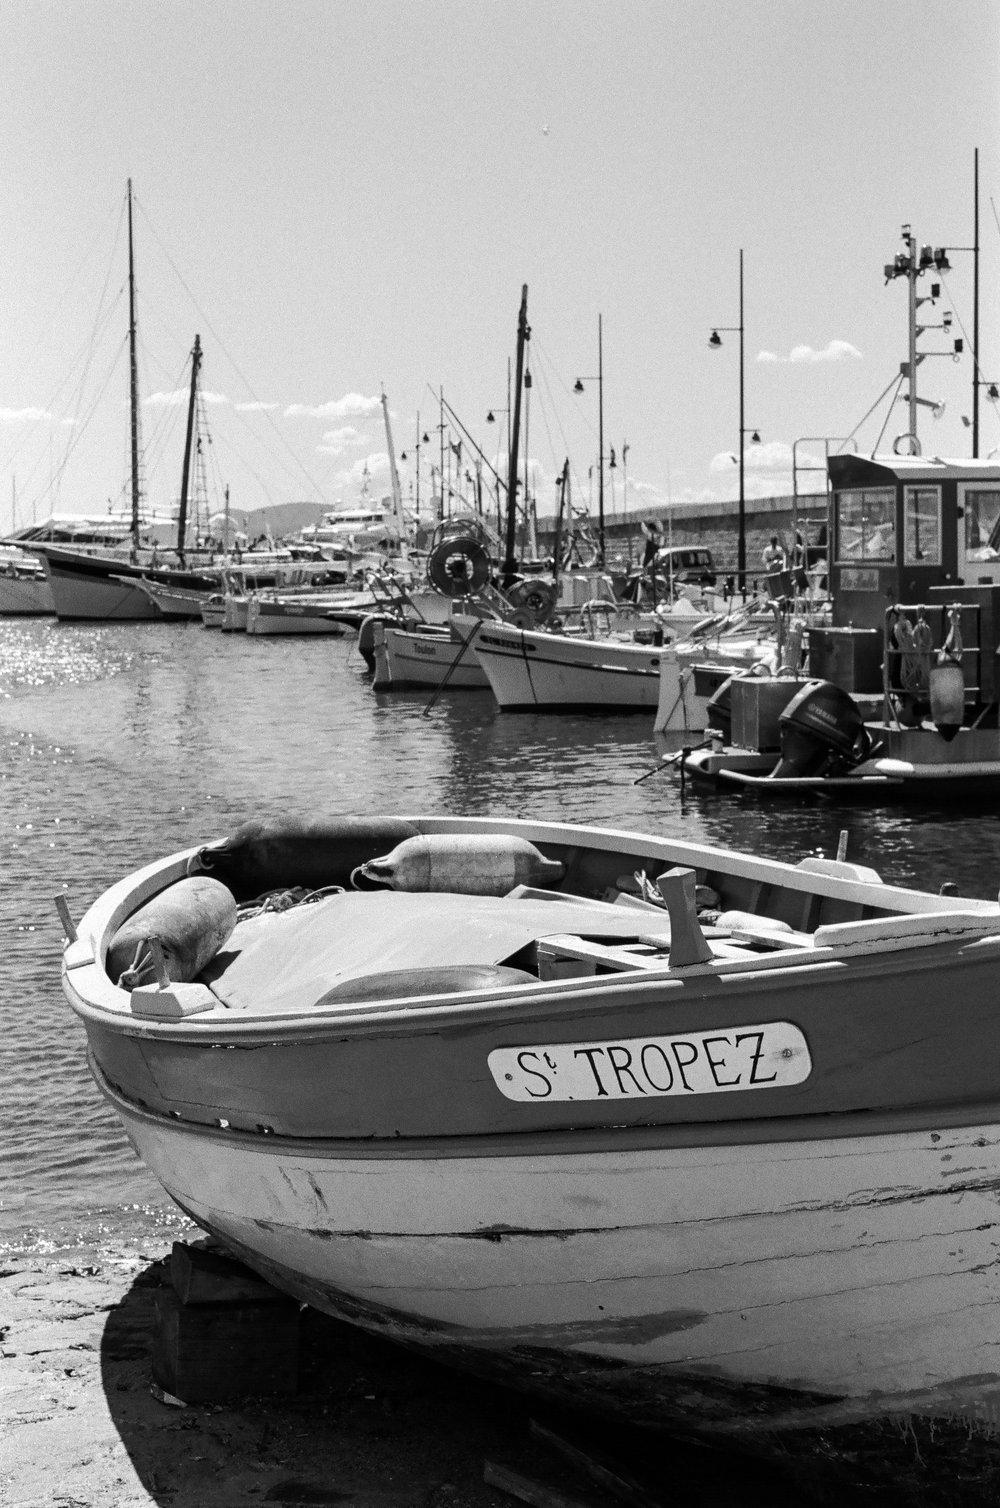 Port de Saint-Tropez - Clifford Darby 2017